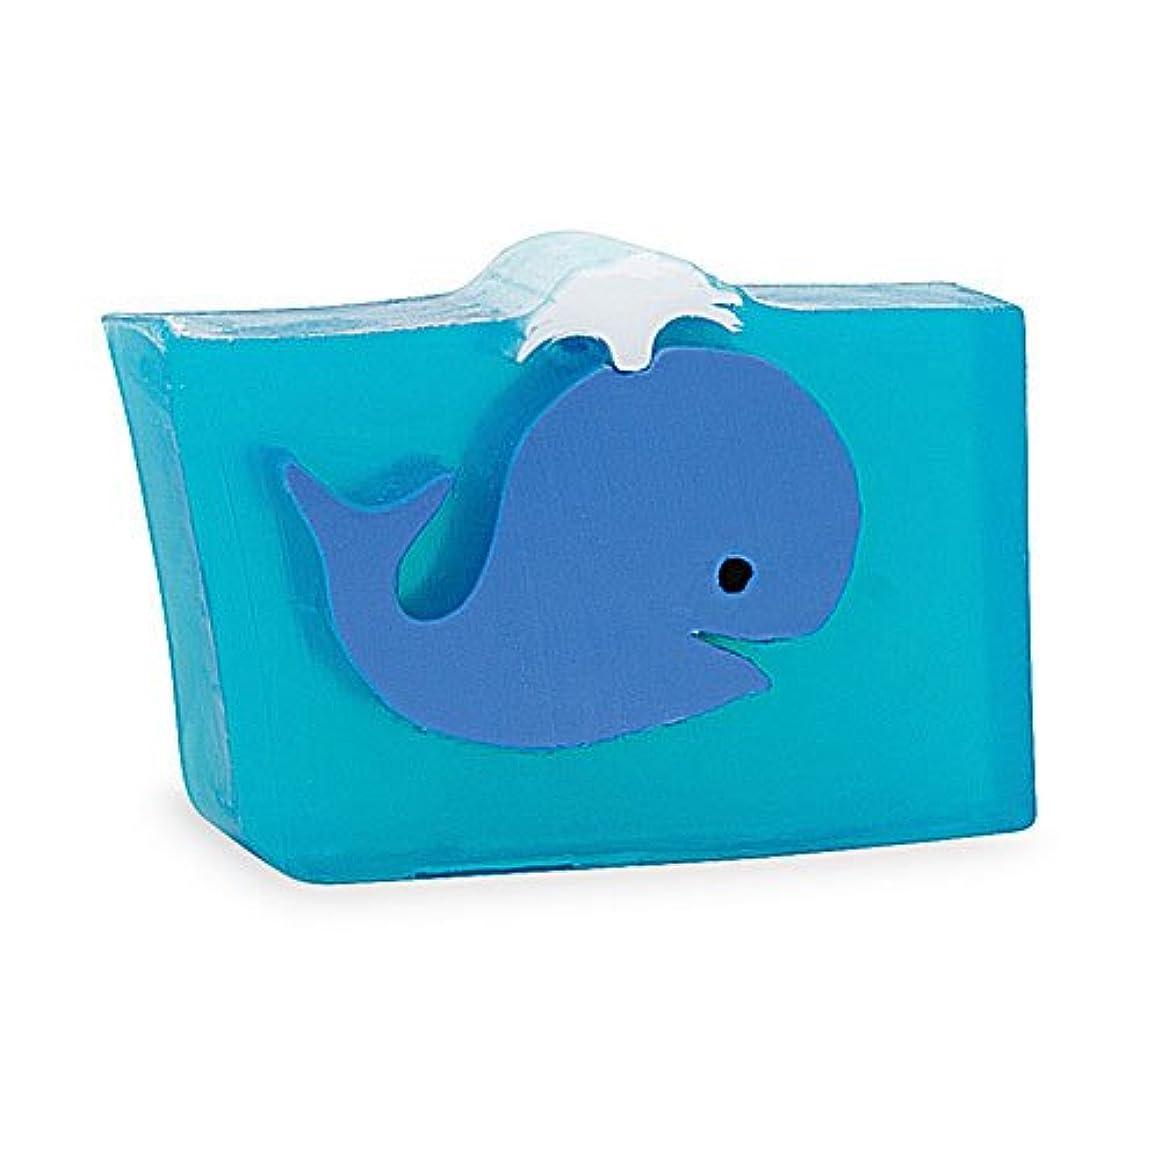 通り傾く慣習プライモールエレメンツ アロマティック ソープ クジラ 180g 植物性 ナチュラル 石鹸 無添加